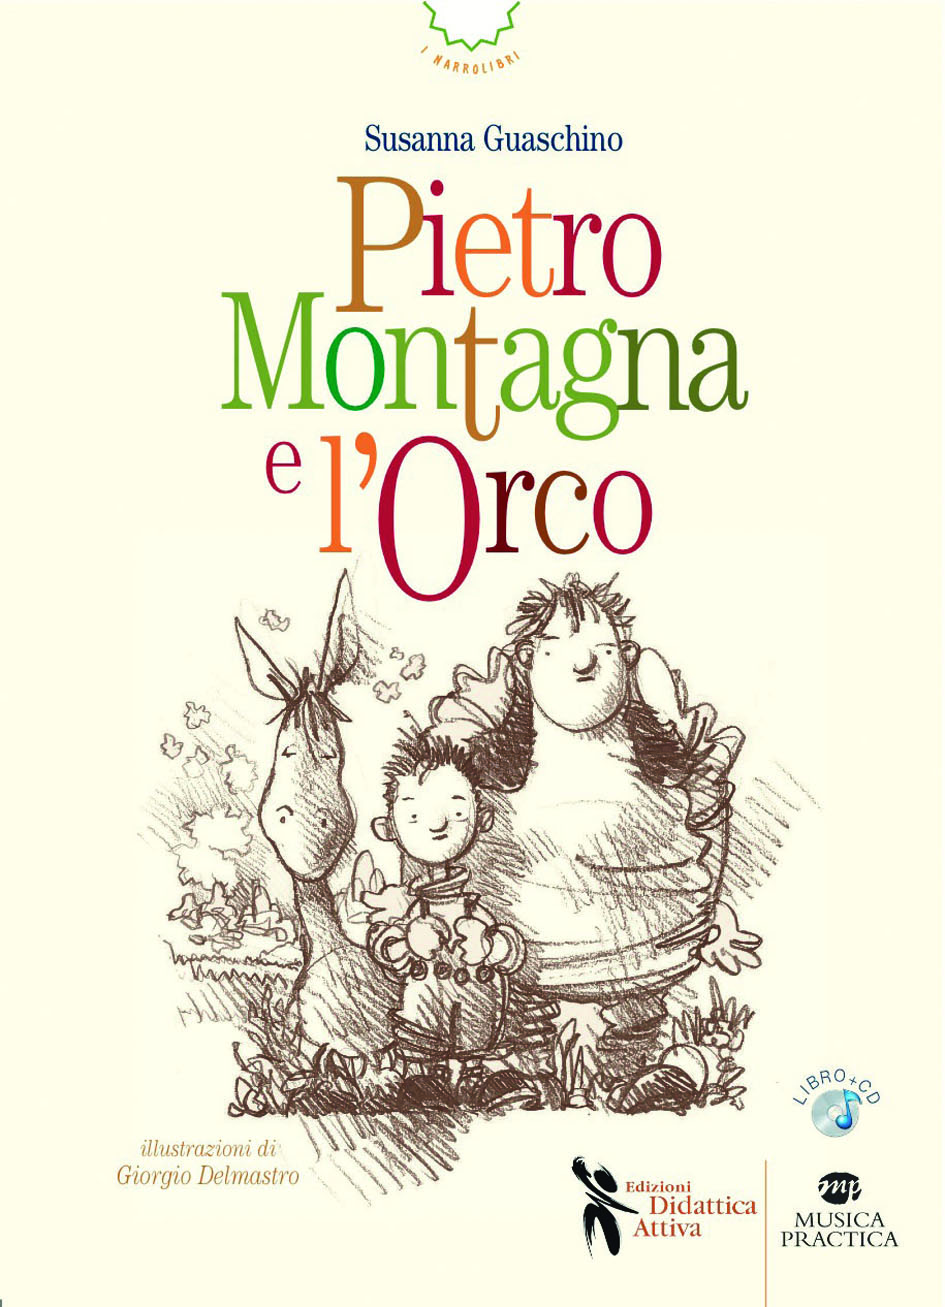 da25_pieto-montagna_frontecopertina